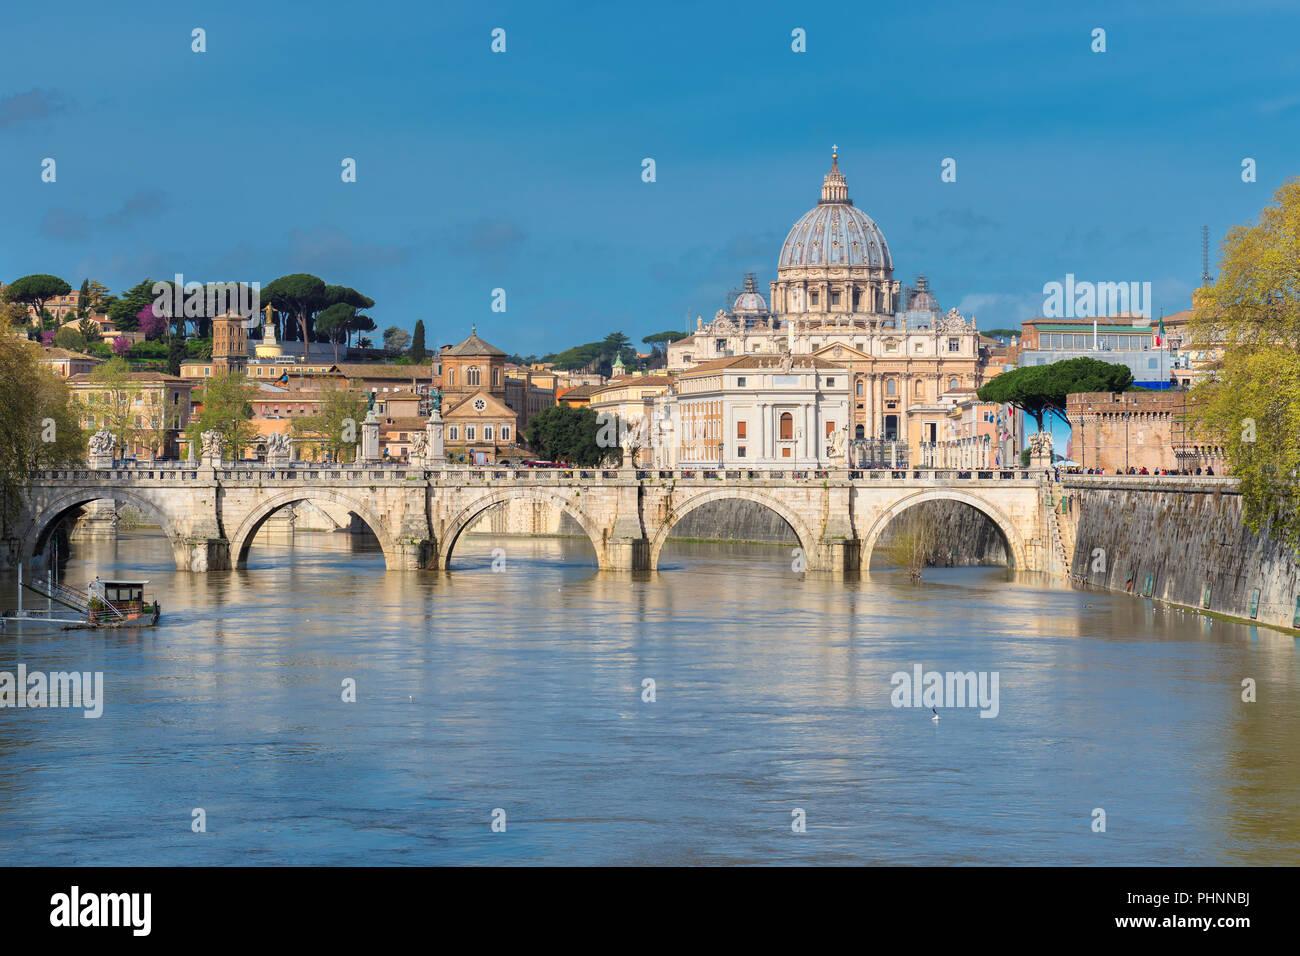 Belle vue sur la cathédrale Saint-Pierre avec pont dans la Cité du Vatican, Rome, Italie. Photo Stock